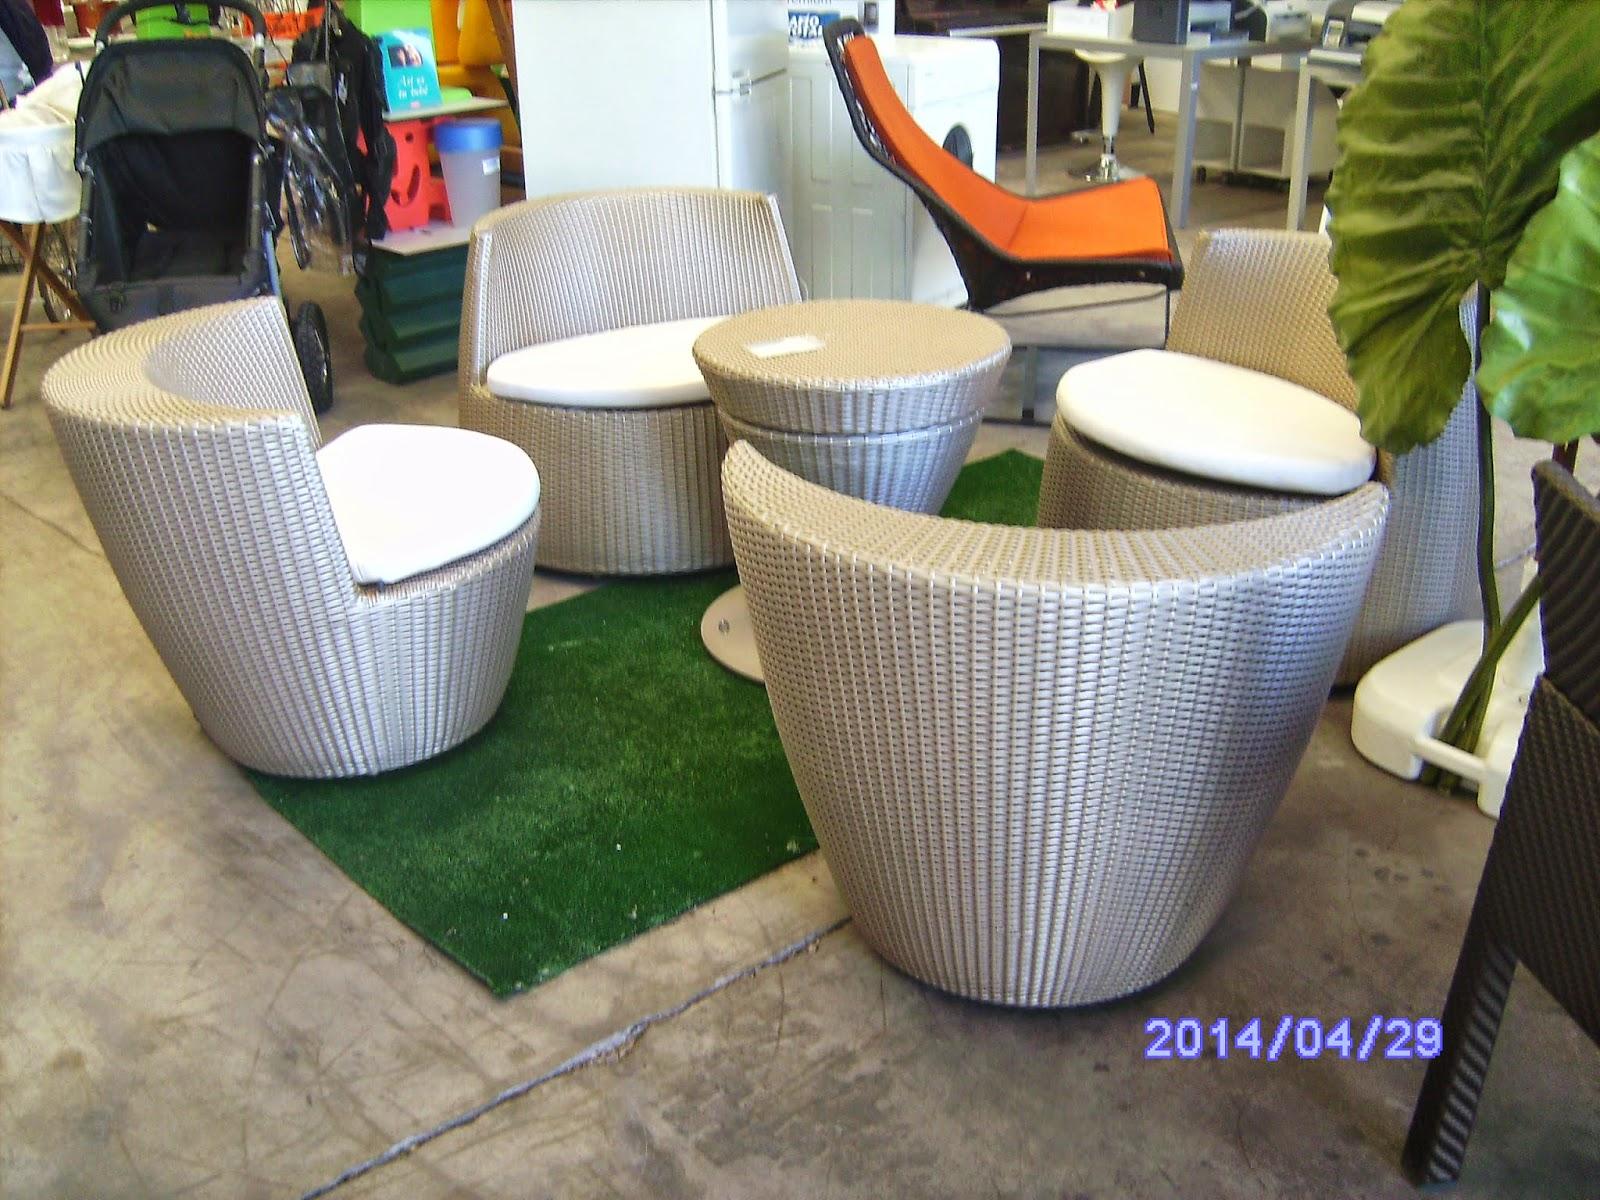 Productos de Teumercat.com: Muebles para terraza y jardín de alta gama